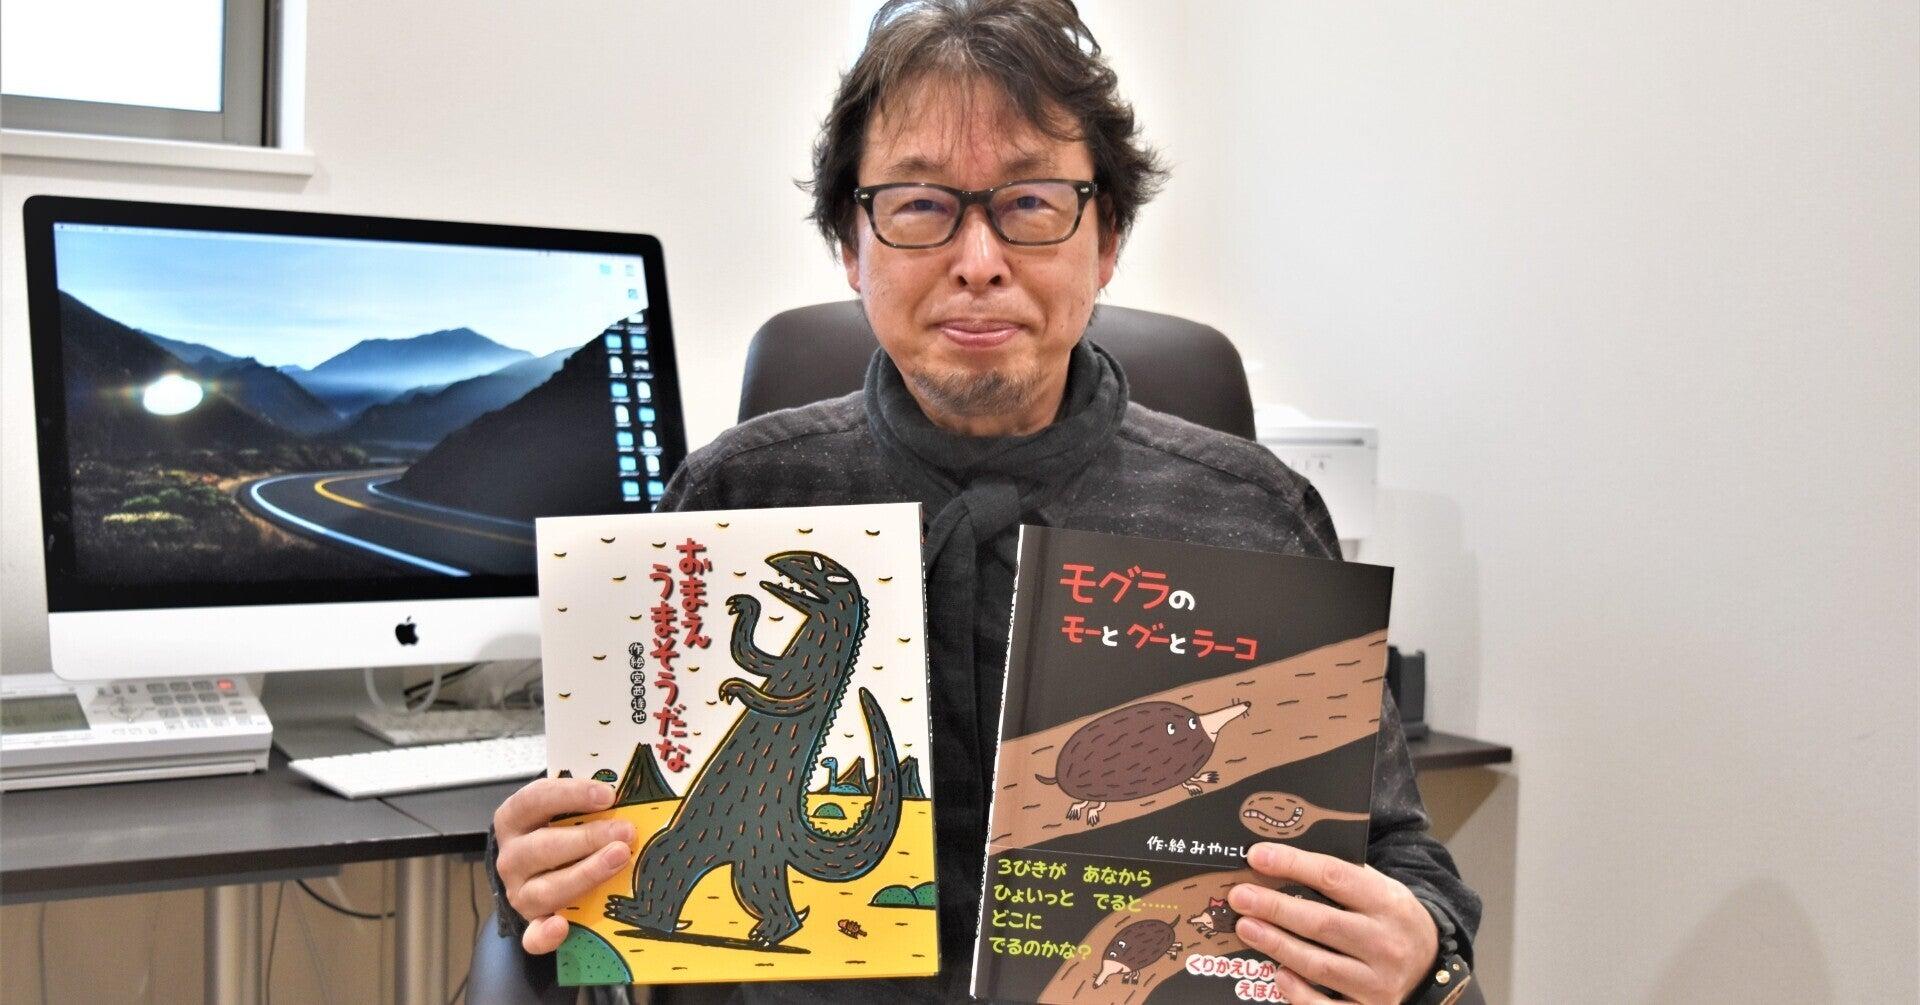 宮西達也先生のモグラのキャラクターが誕生! 打ち合わせから絵本ができるまでを紹介します。